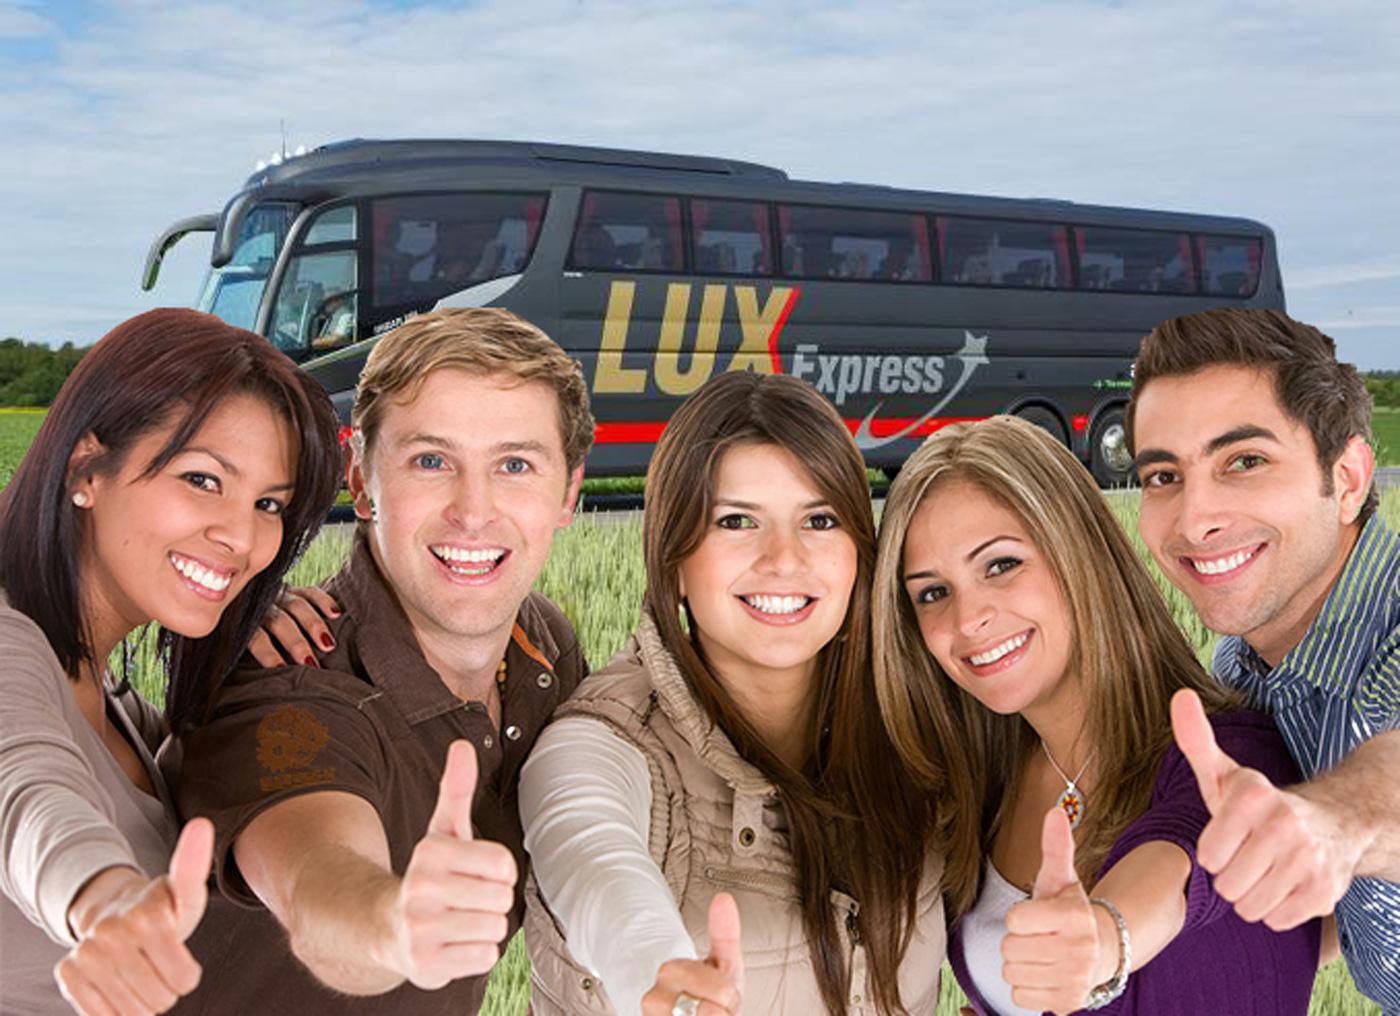 Lux Express: льготы для молодежи и бесплатные велосипедные билеты